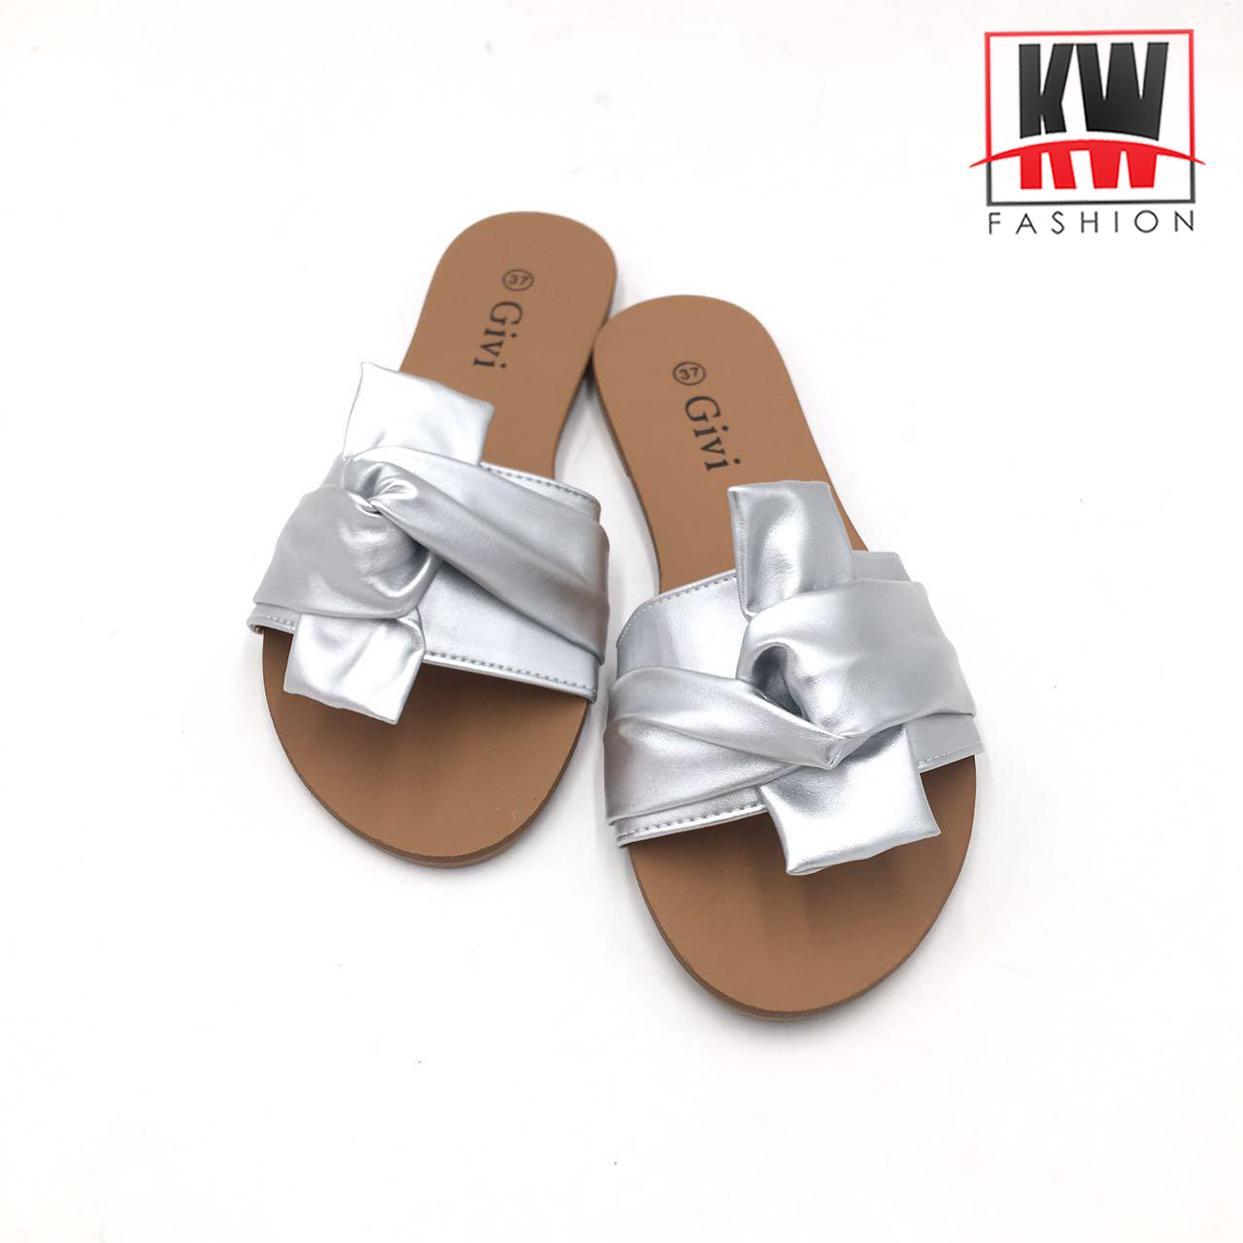 9b1f09c63d55 Womens Sandals for sale - Ladies Sandals online brands